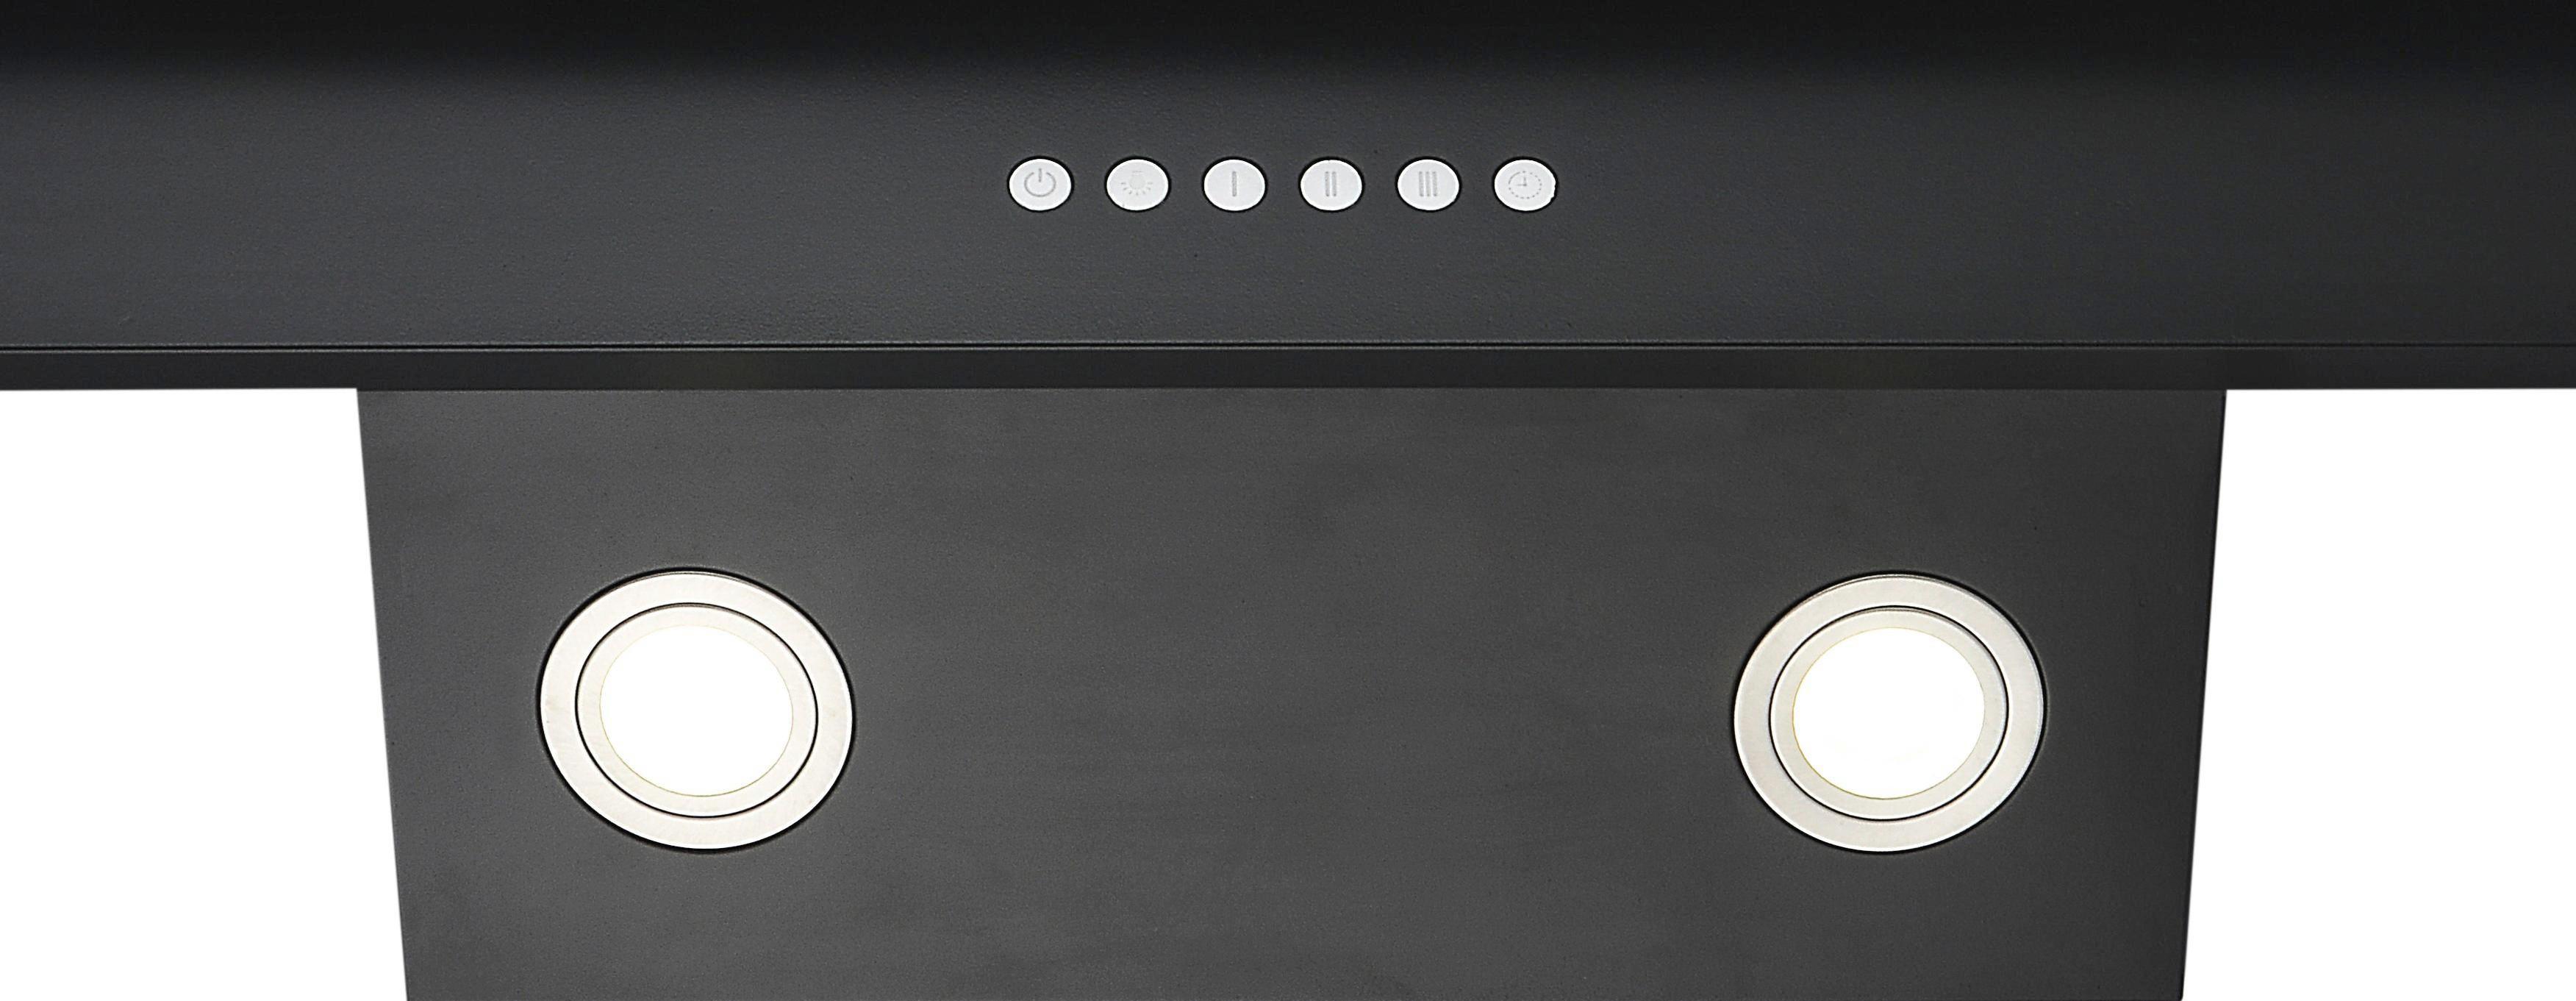 Nett Billige Elektrische Küchengeräte Uk Zeitgenössisch - Küche Set ...